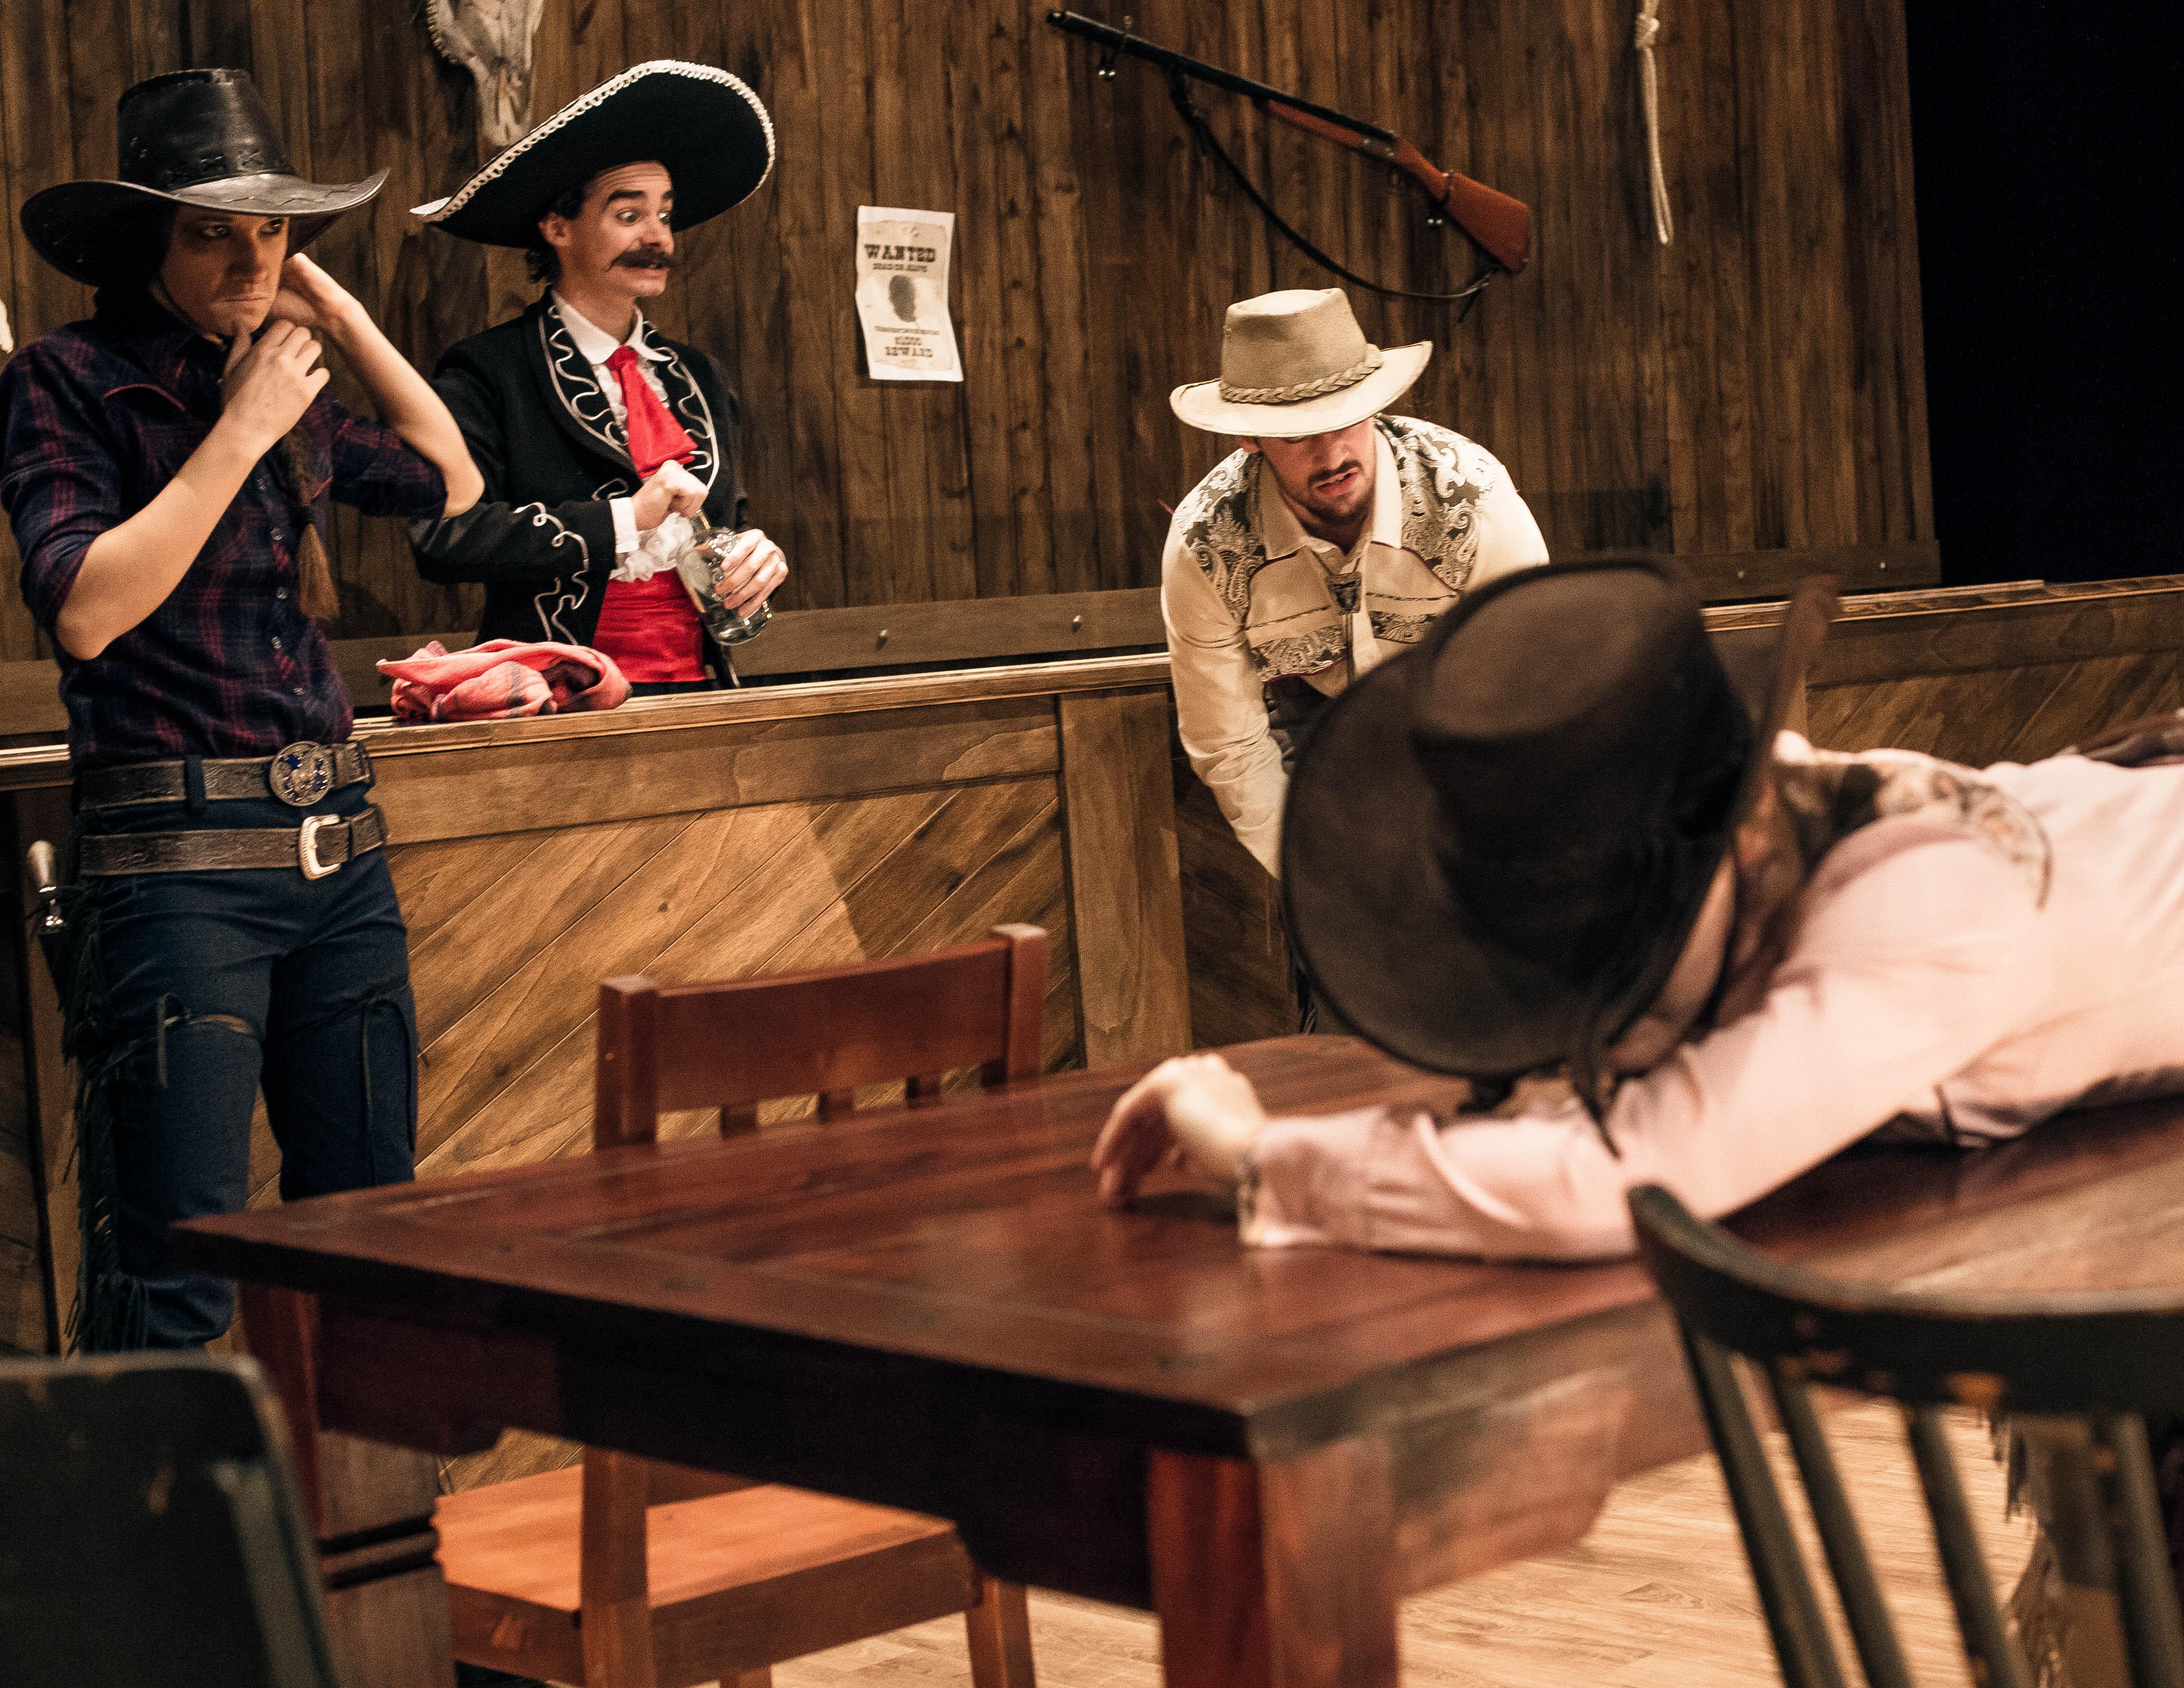 第一眼看製作藝團之一的「奧克拉荷馬自然劇團」以為是寫實一派的演繹,但劇名及劇照反映的又似是另一回事。